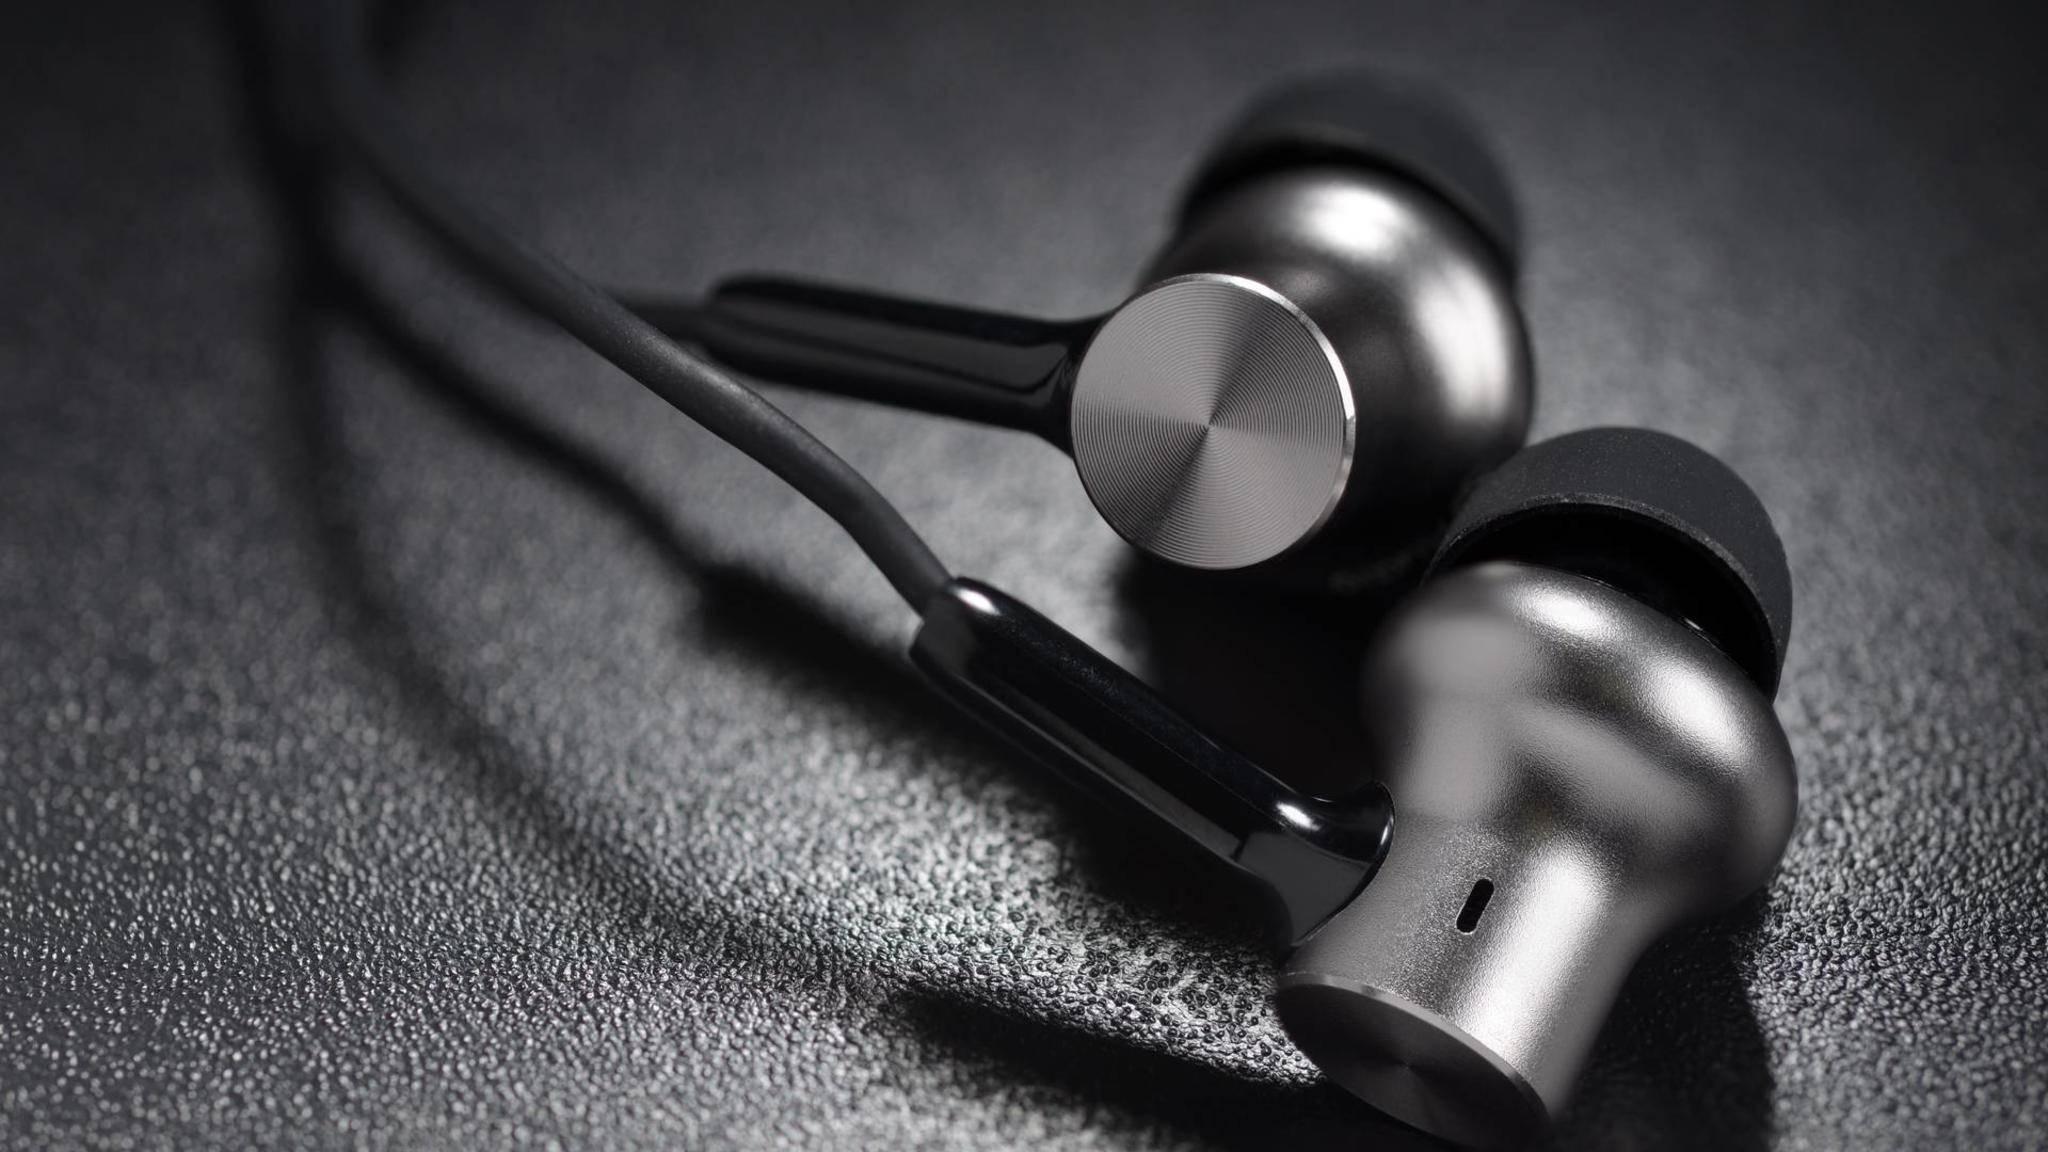 Wir stellen empfehlenswerte In-Ears mit USB-C vor.